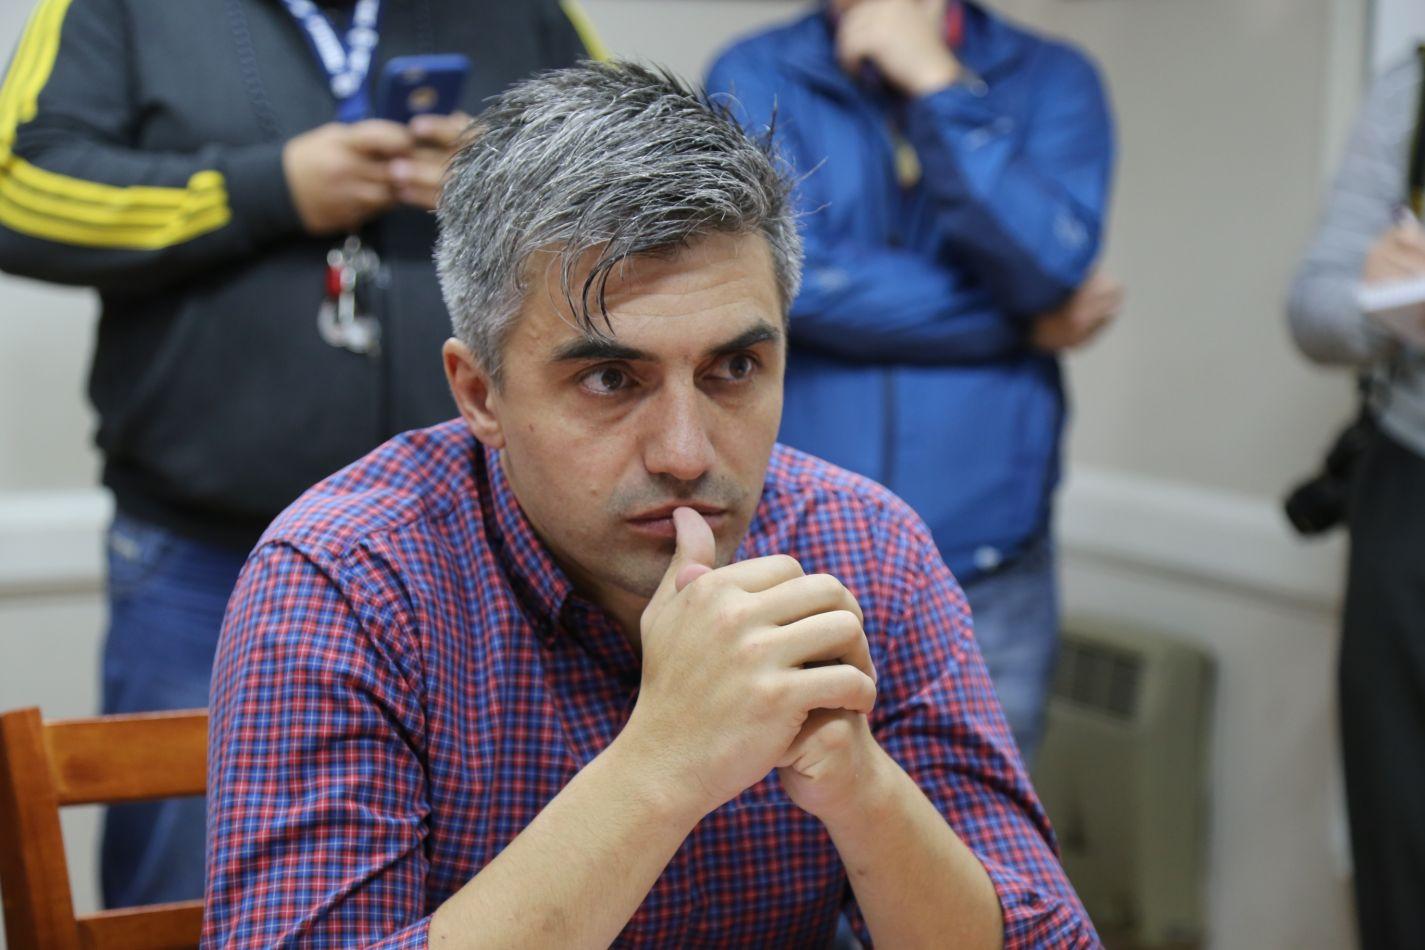 El concejal radical Paulino Rossi, hizo referencia a la deuda adquirida por la provincia por 200 millones de dólares en el año 2017